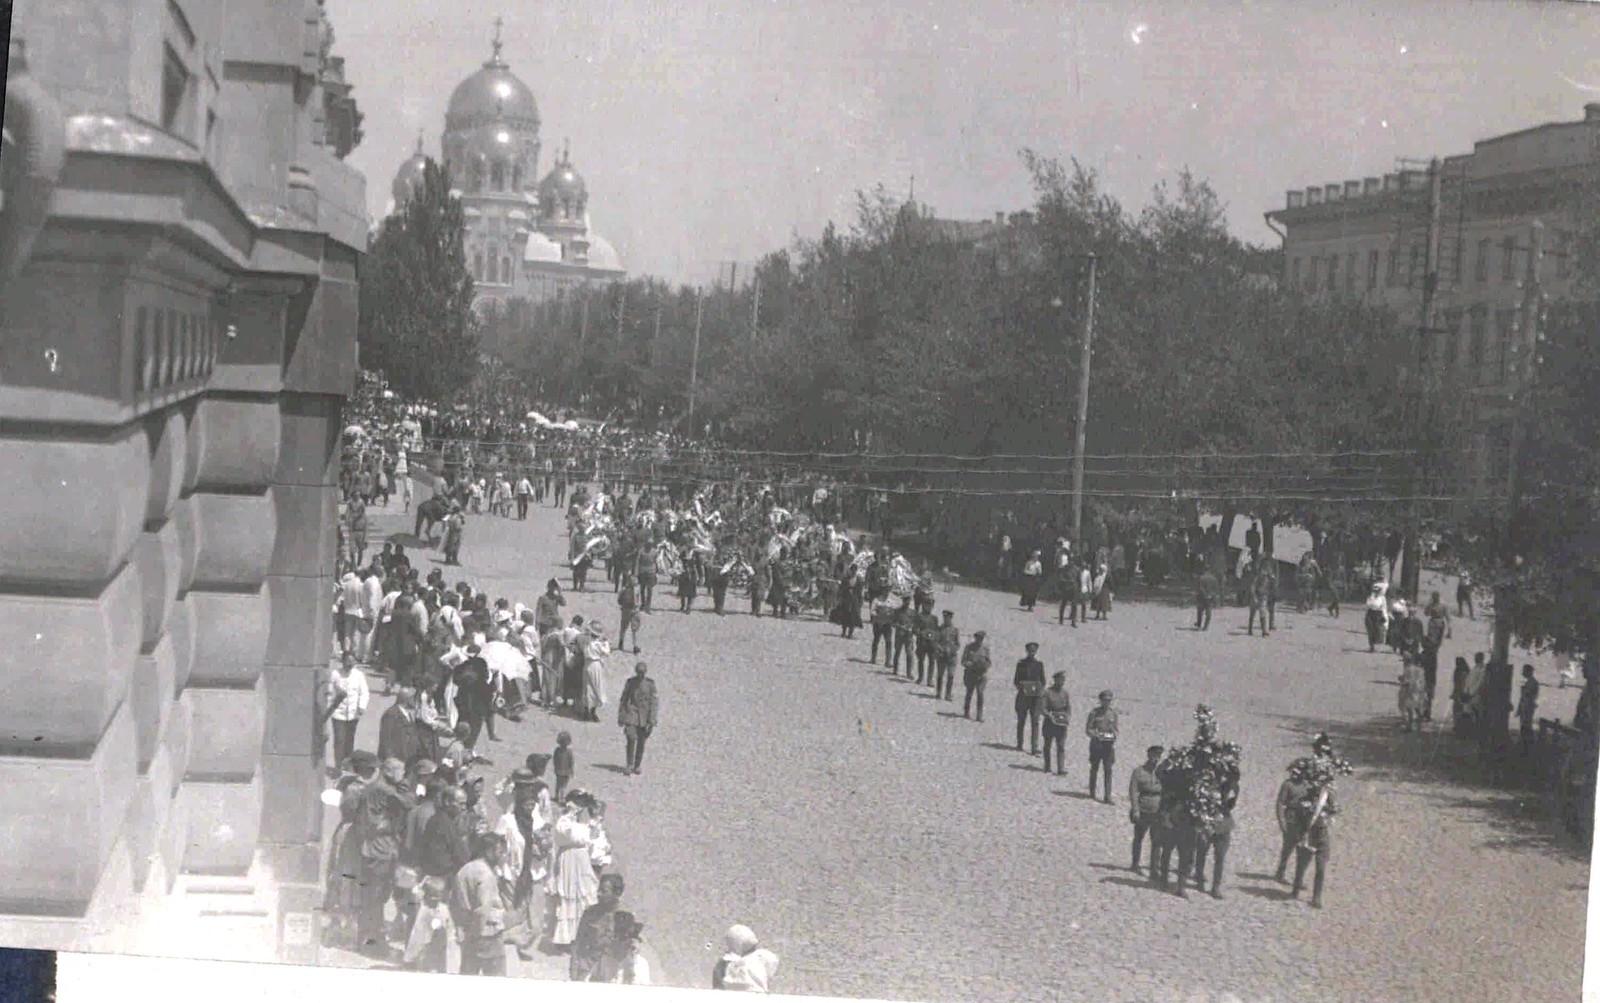 1918. Похороны генерала Маркова Сергея Леонидовича. Новочеркасск, 15 июня